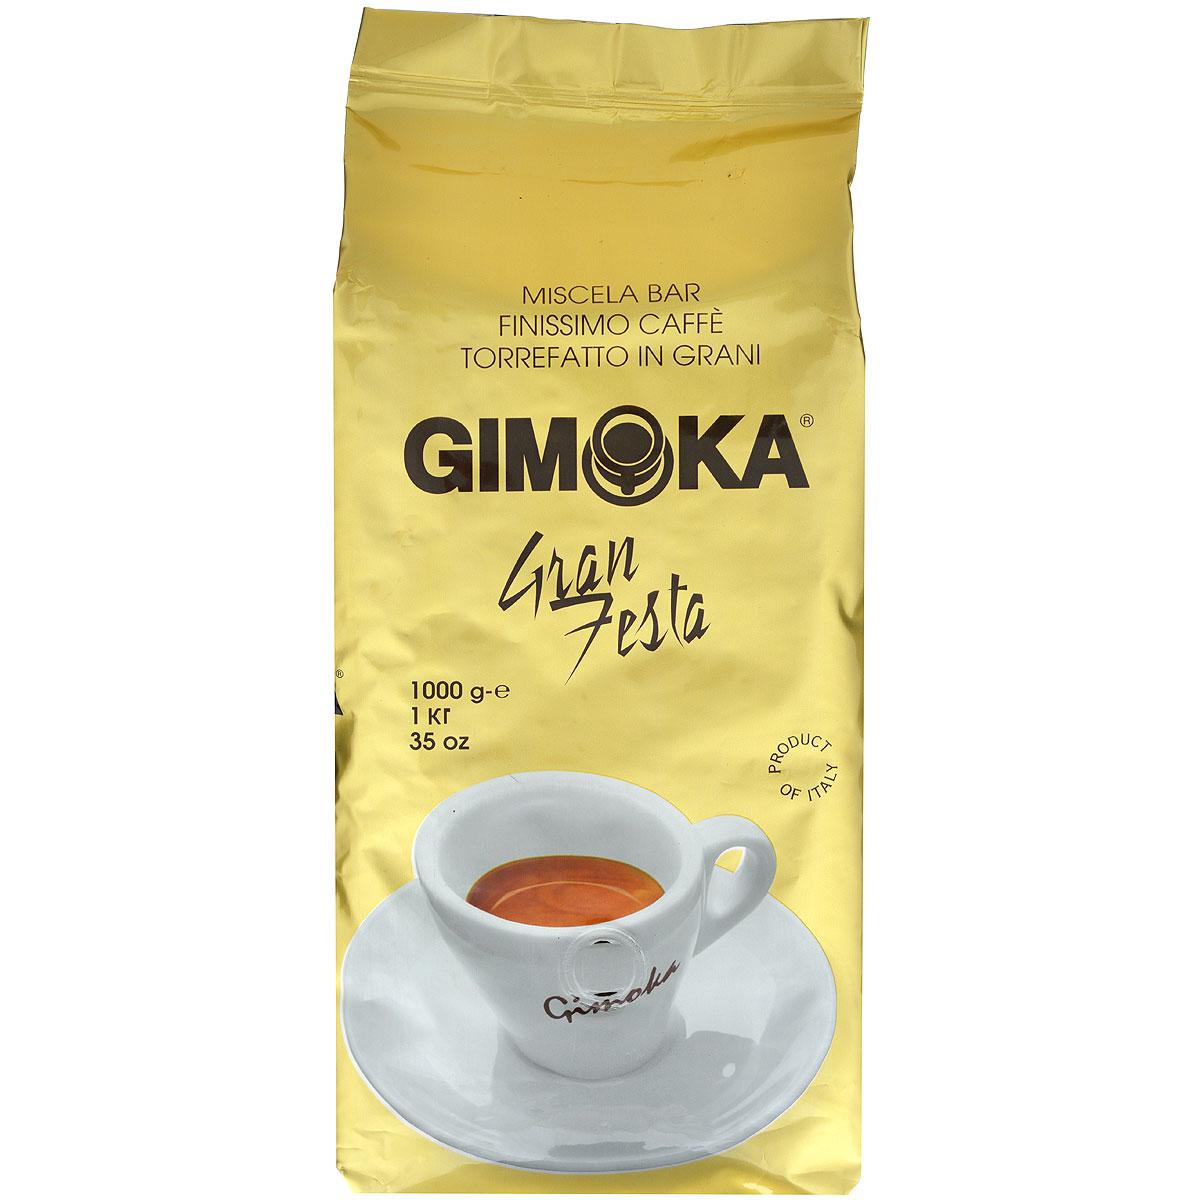 Gimoka Oro Gran Festa кофе в зернах, 1 кг8003012000046Натуральный жареный кофе в зернах Gimoka Oro Gran Festa. Классическая итальянская смесь Арабики и Робусты. Насыщенный плотный аромат средней сладости и крепости. Состав смеси: 85% арабика, 15% робуста.